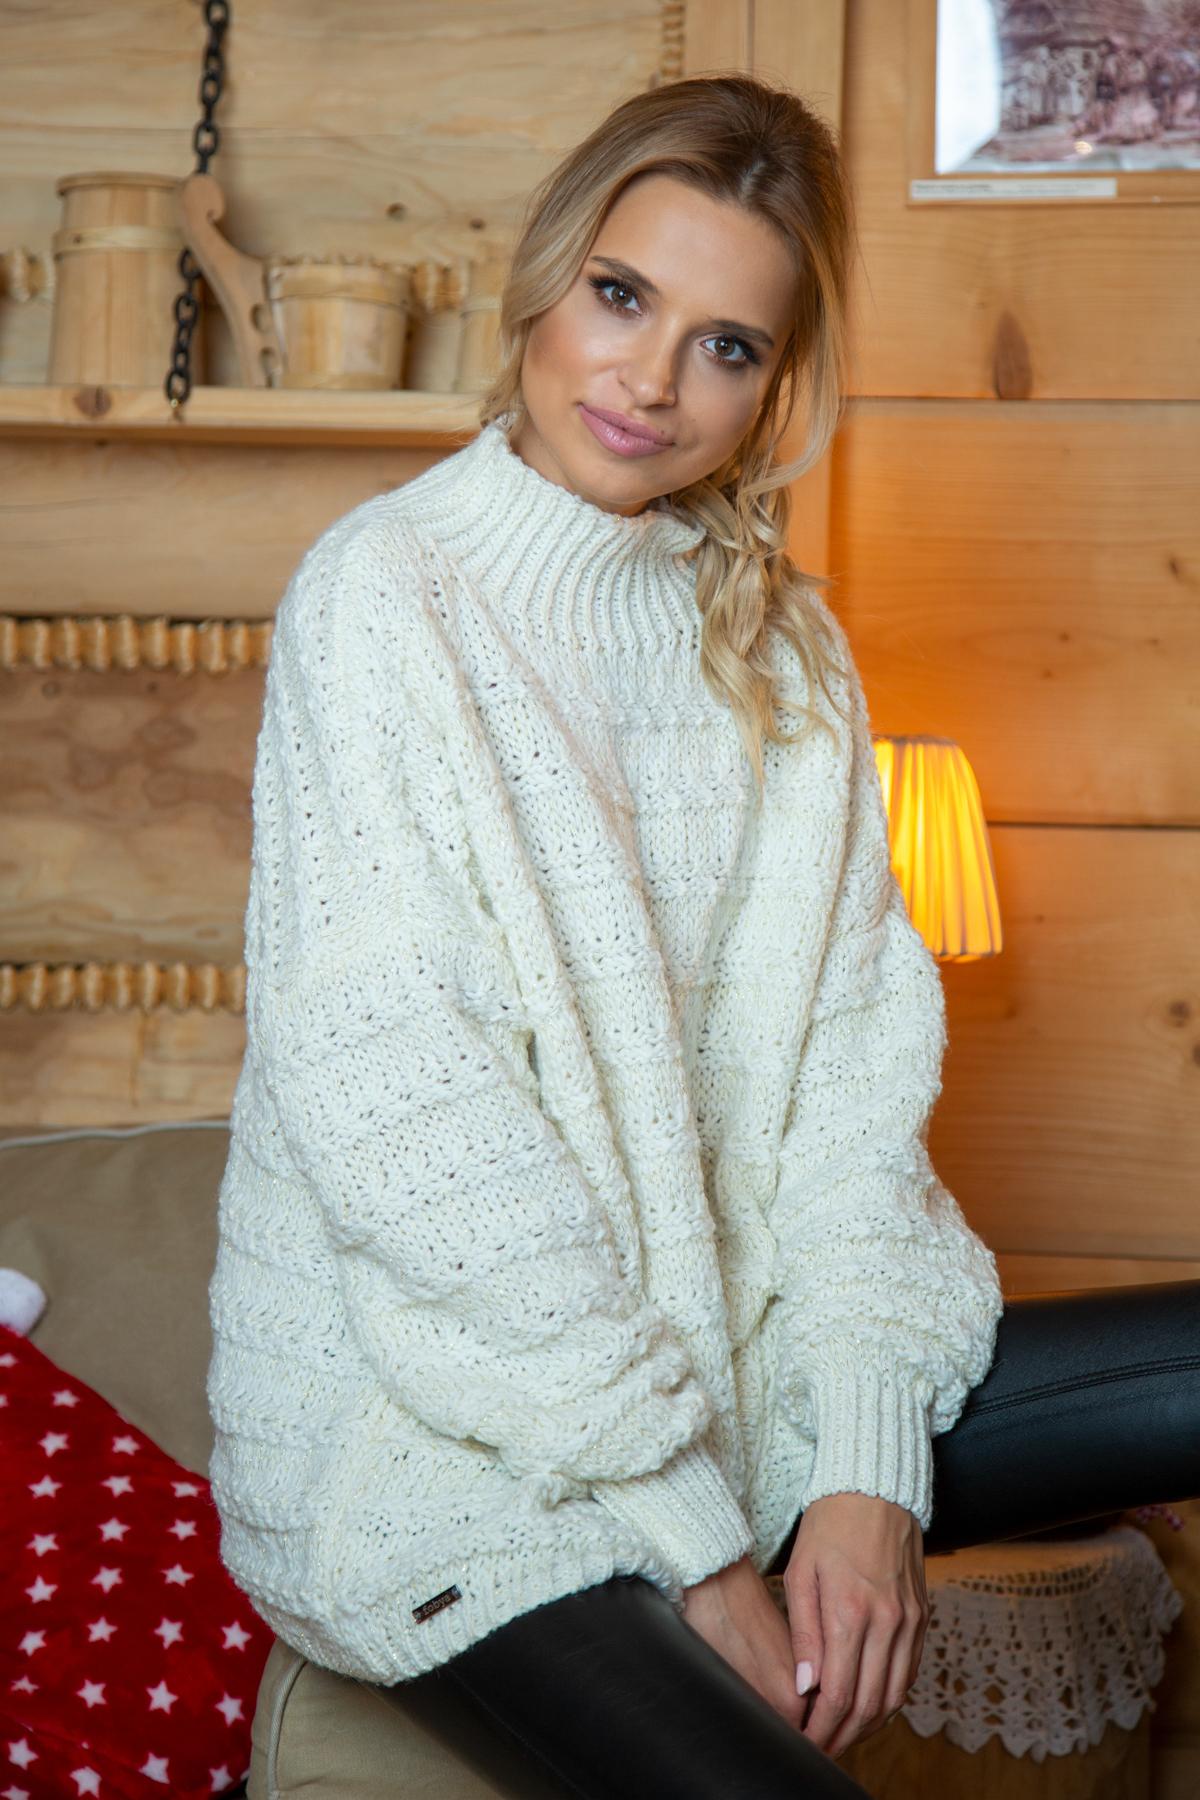 Sweater mit Stehkragen in Ecru Vorderansicht sitzend